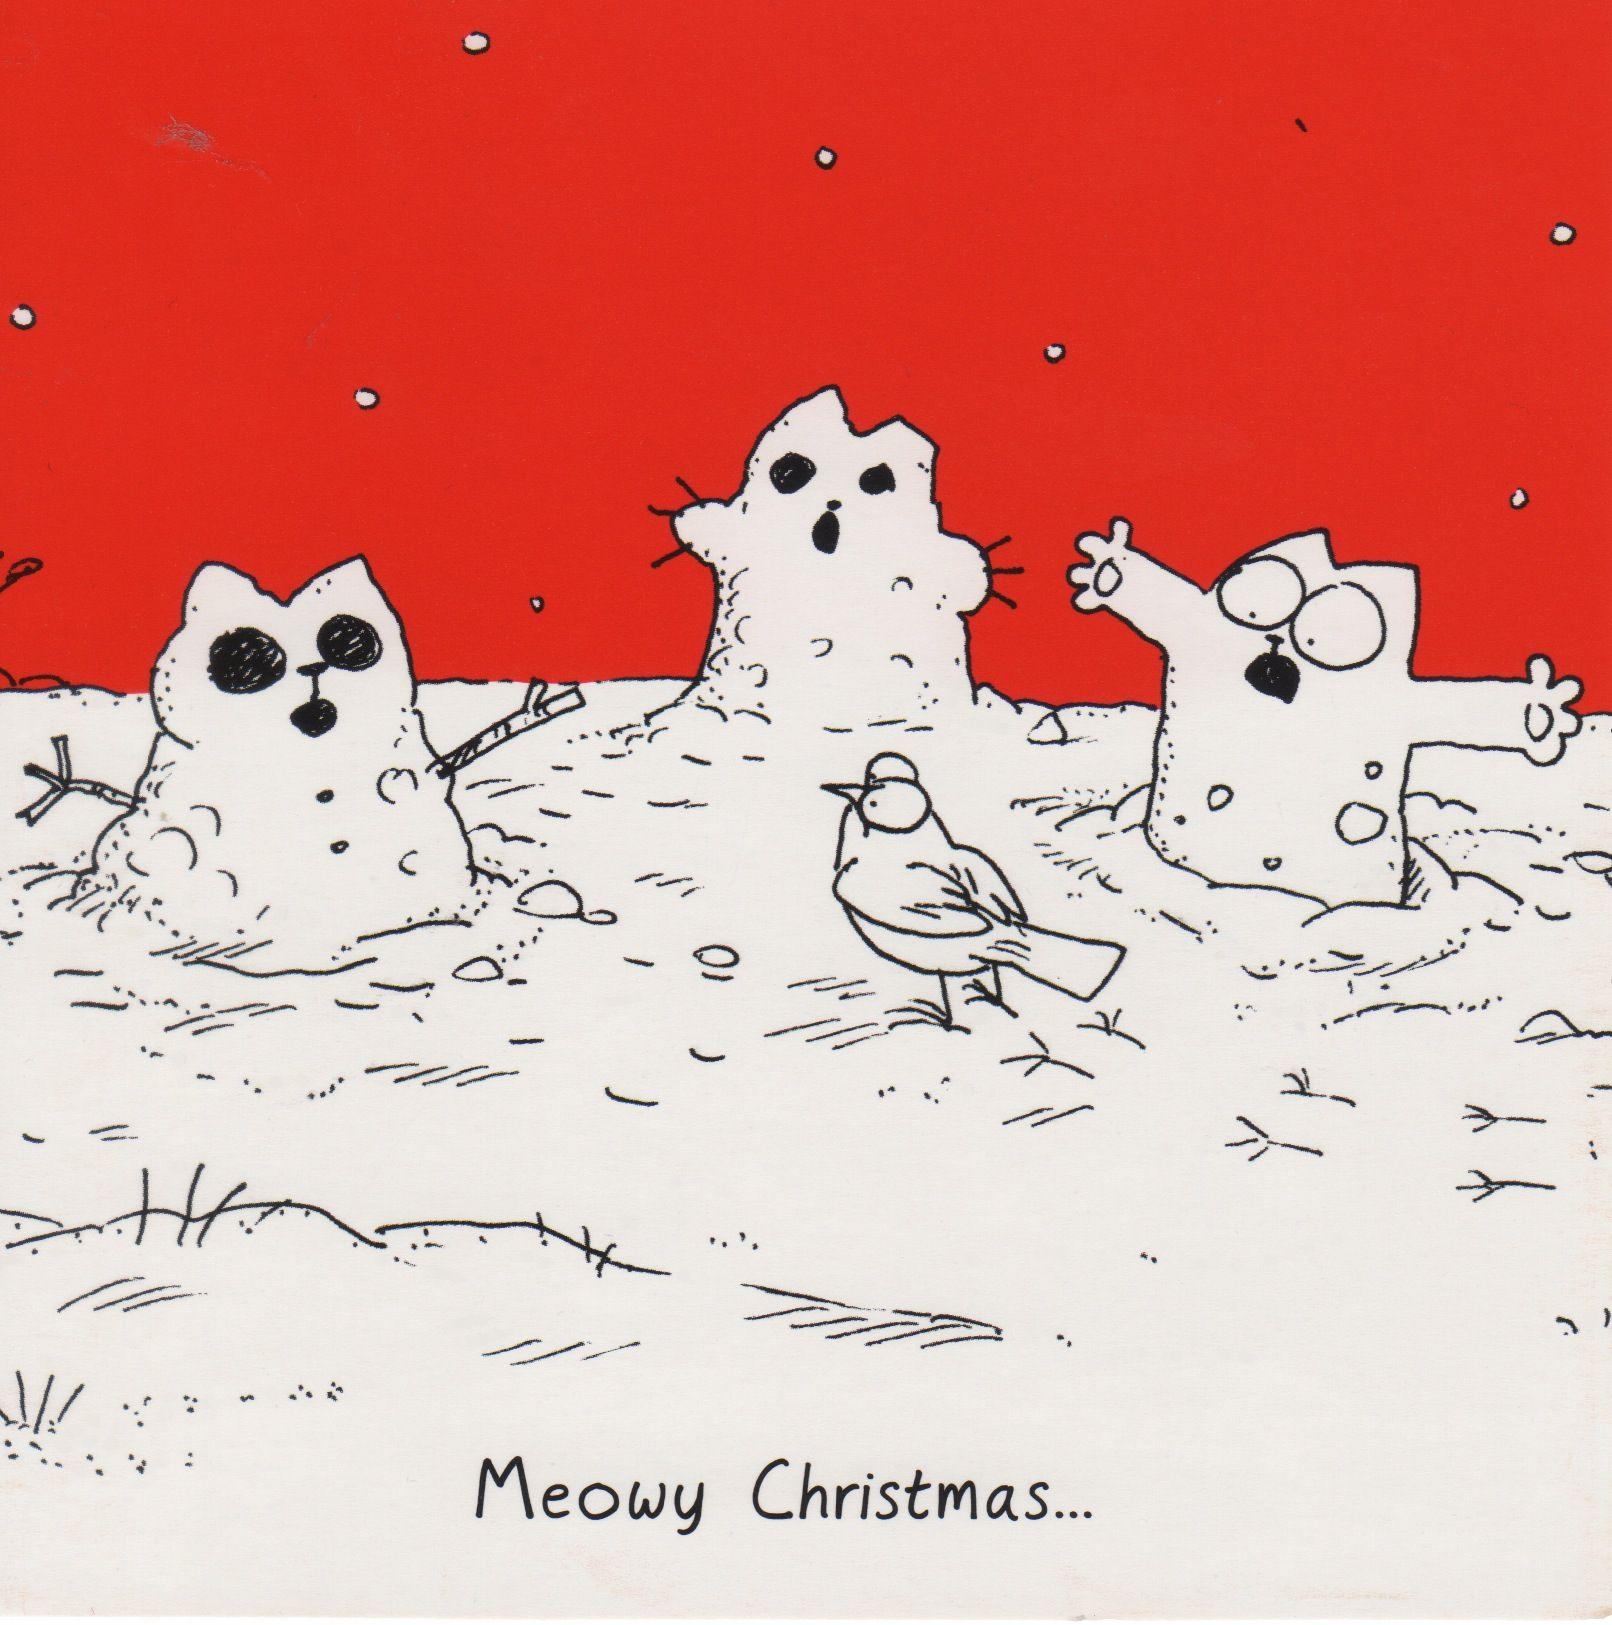 Christmas card - Simon's cat snowman